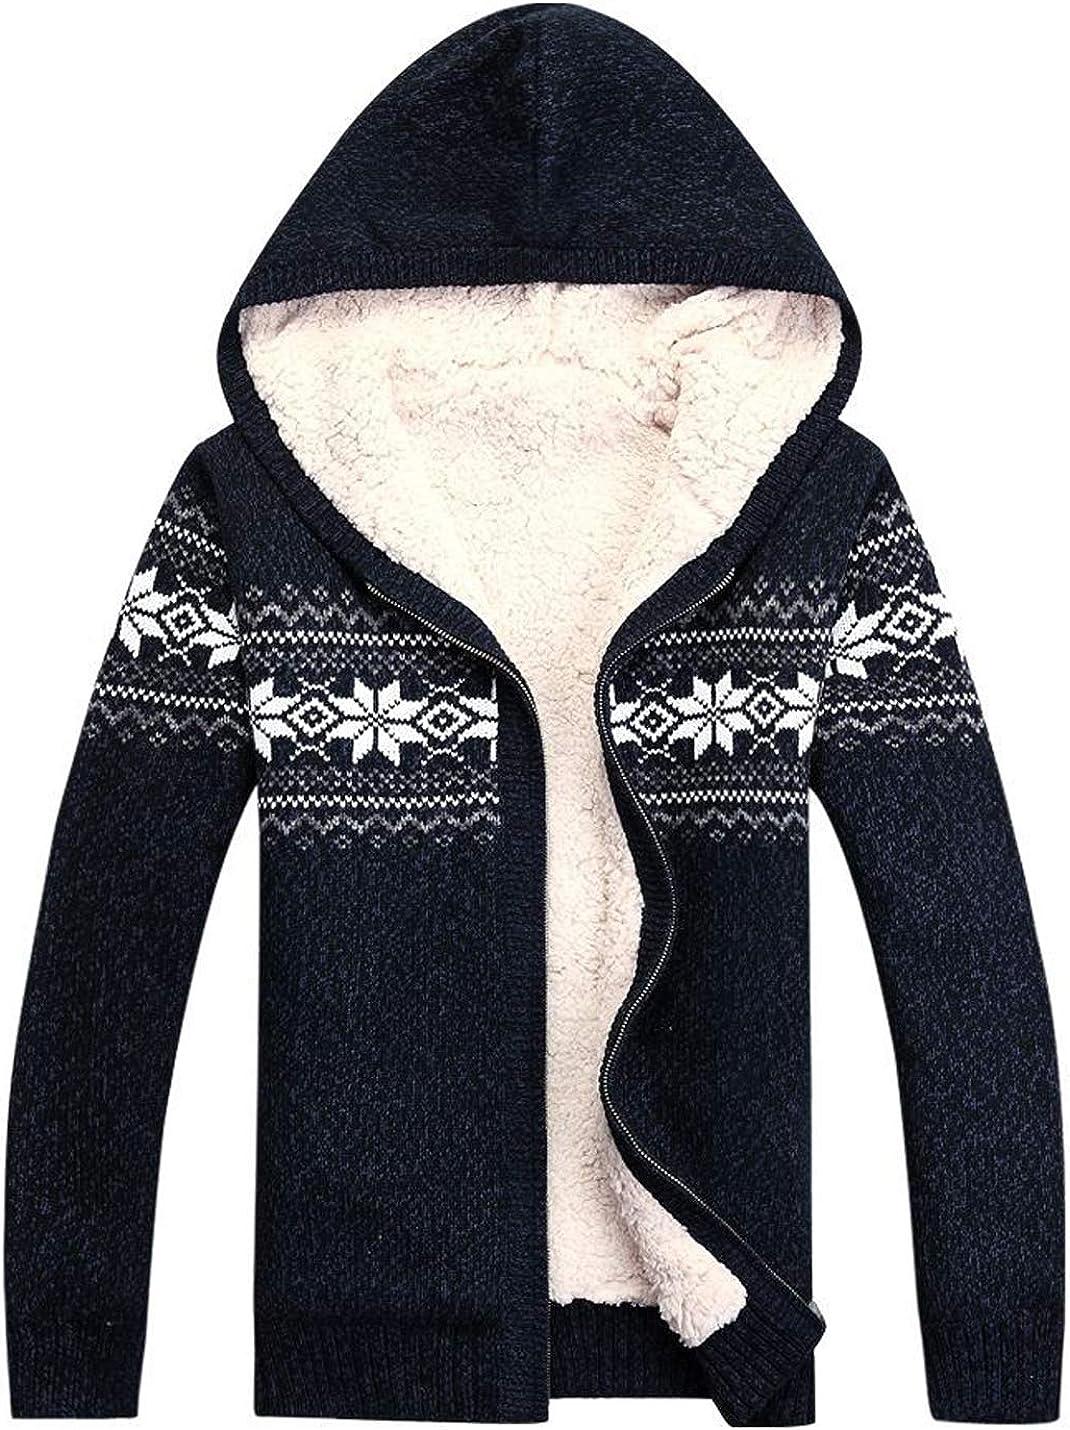 Omoone Men's Slim Snowflake Printed Fleece Lined Sweater Hoodie Knitted Jacket